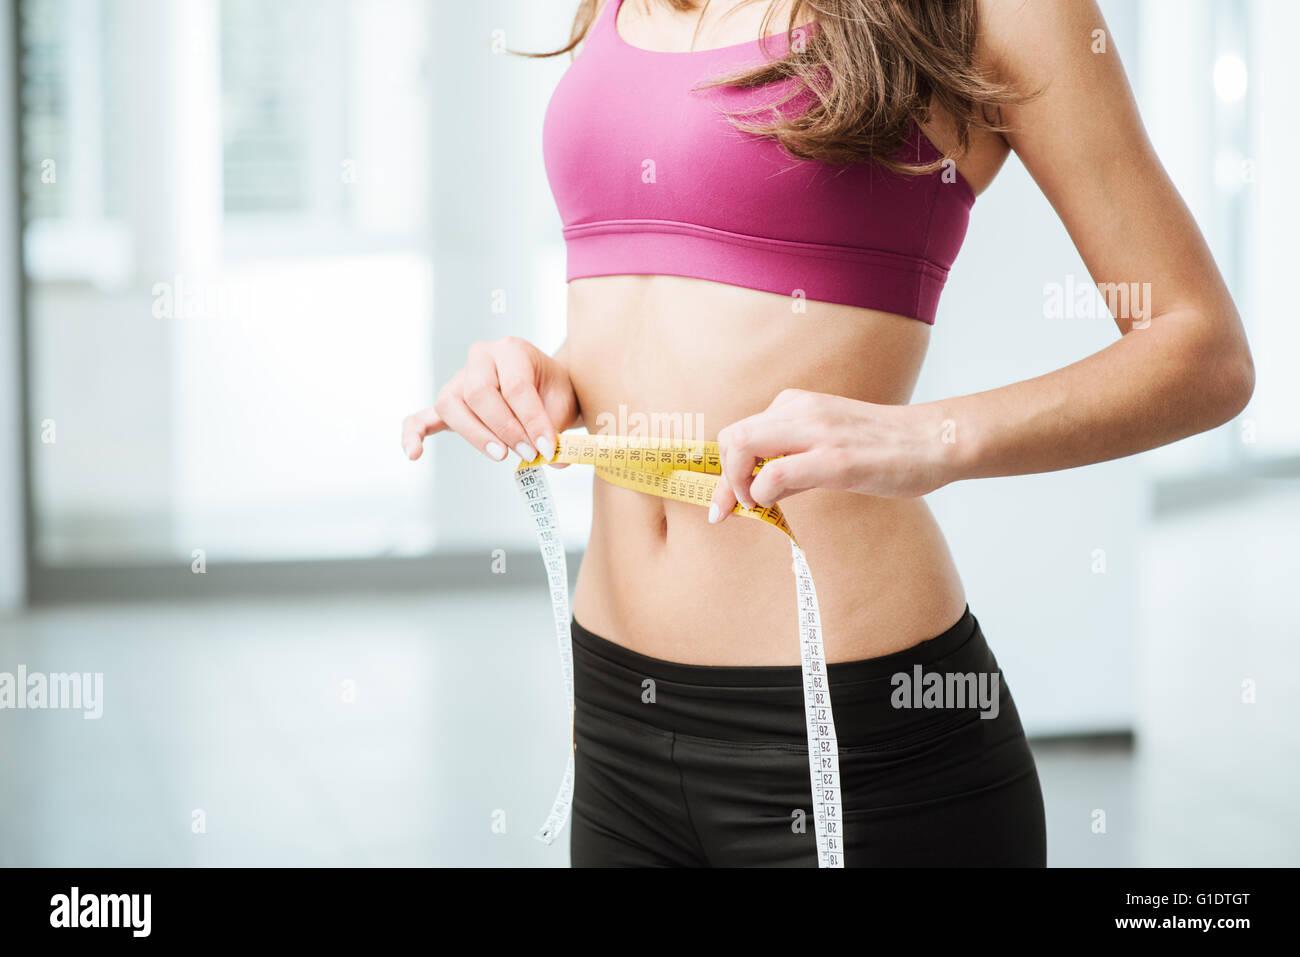 Slim giovane donna misurando la sua cintura sottile con un metro a nastro, close up Immagini Stock